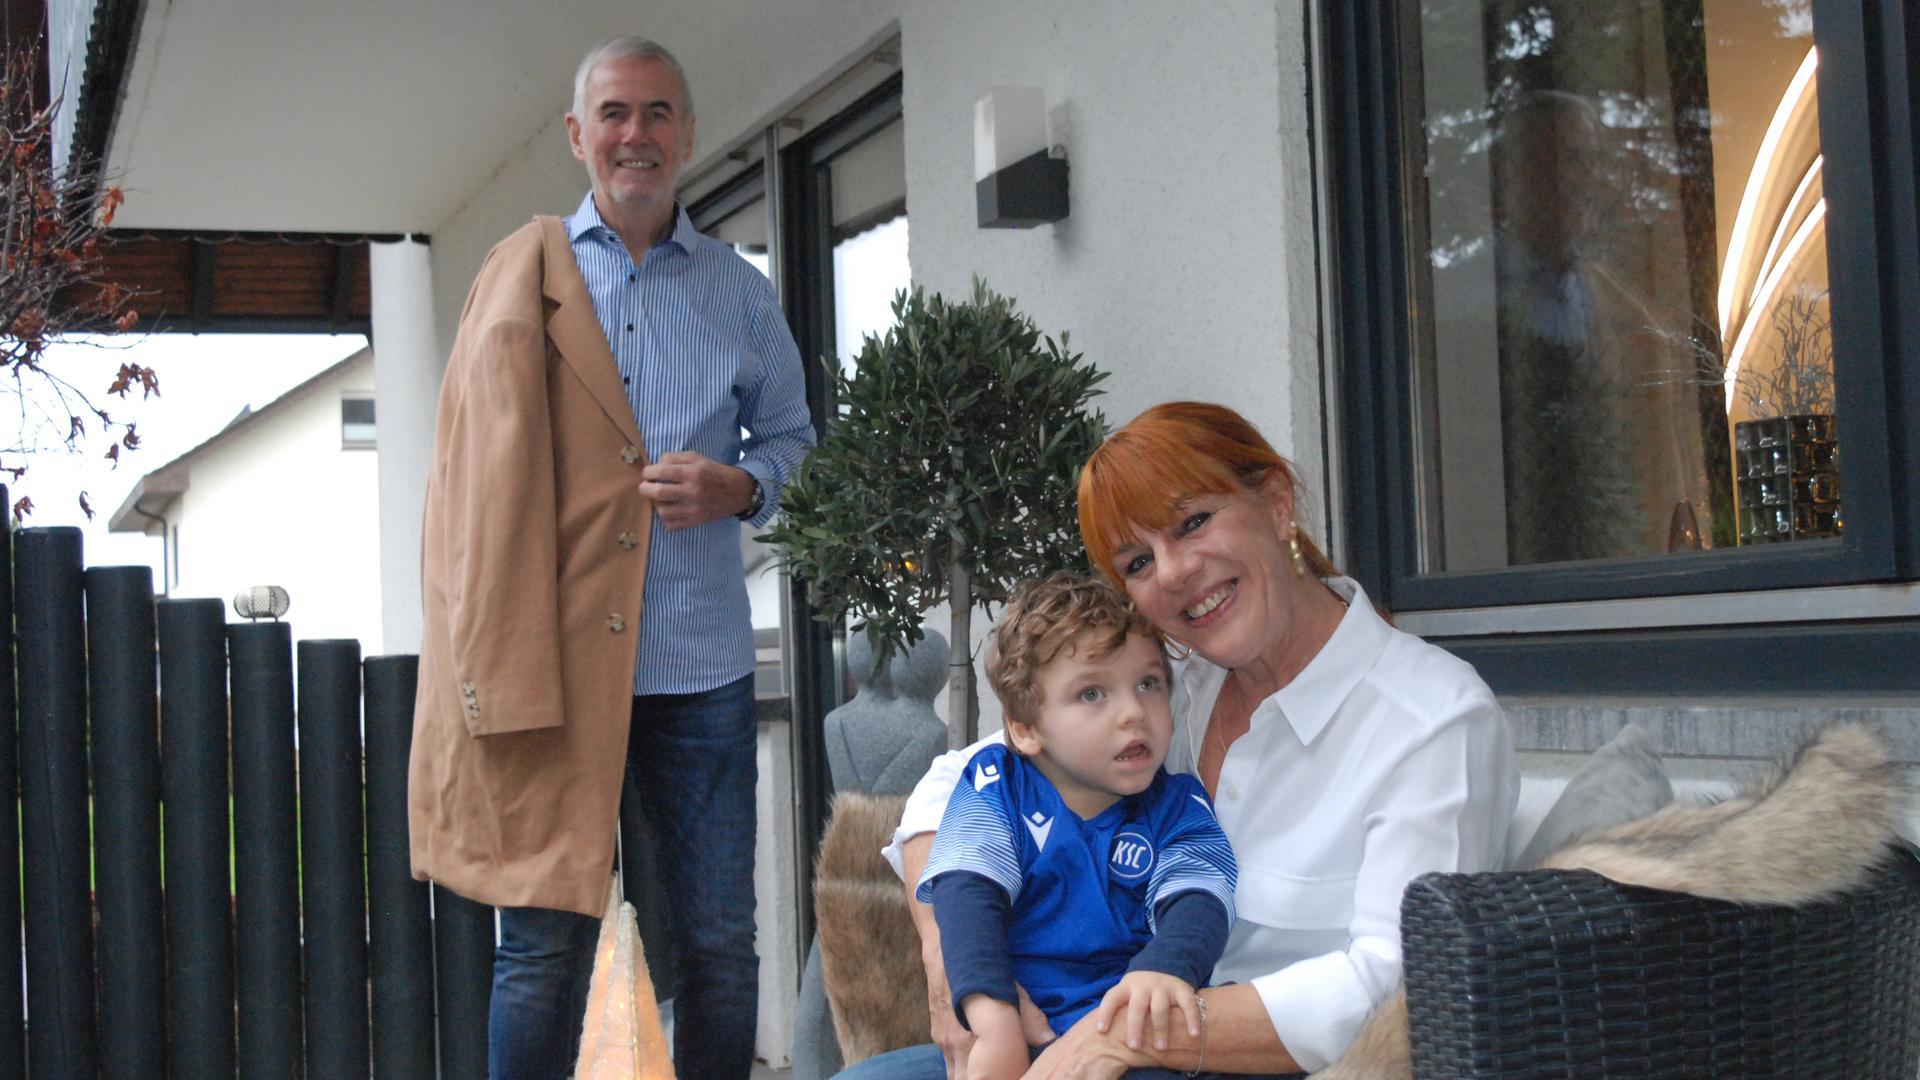 Marianne Thies mit Jonah und Fußballprofi Rolf Dohmen, der seinen berühmten Mantel auf der Facebook-Seite der KSC-Freunde für das Kind versteigert.